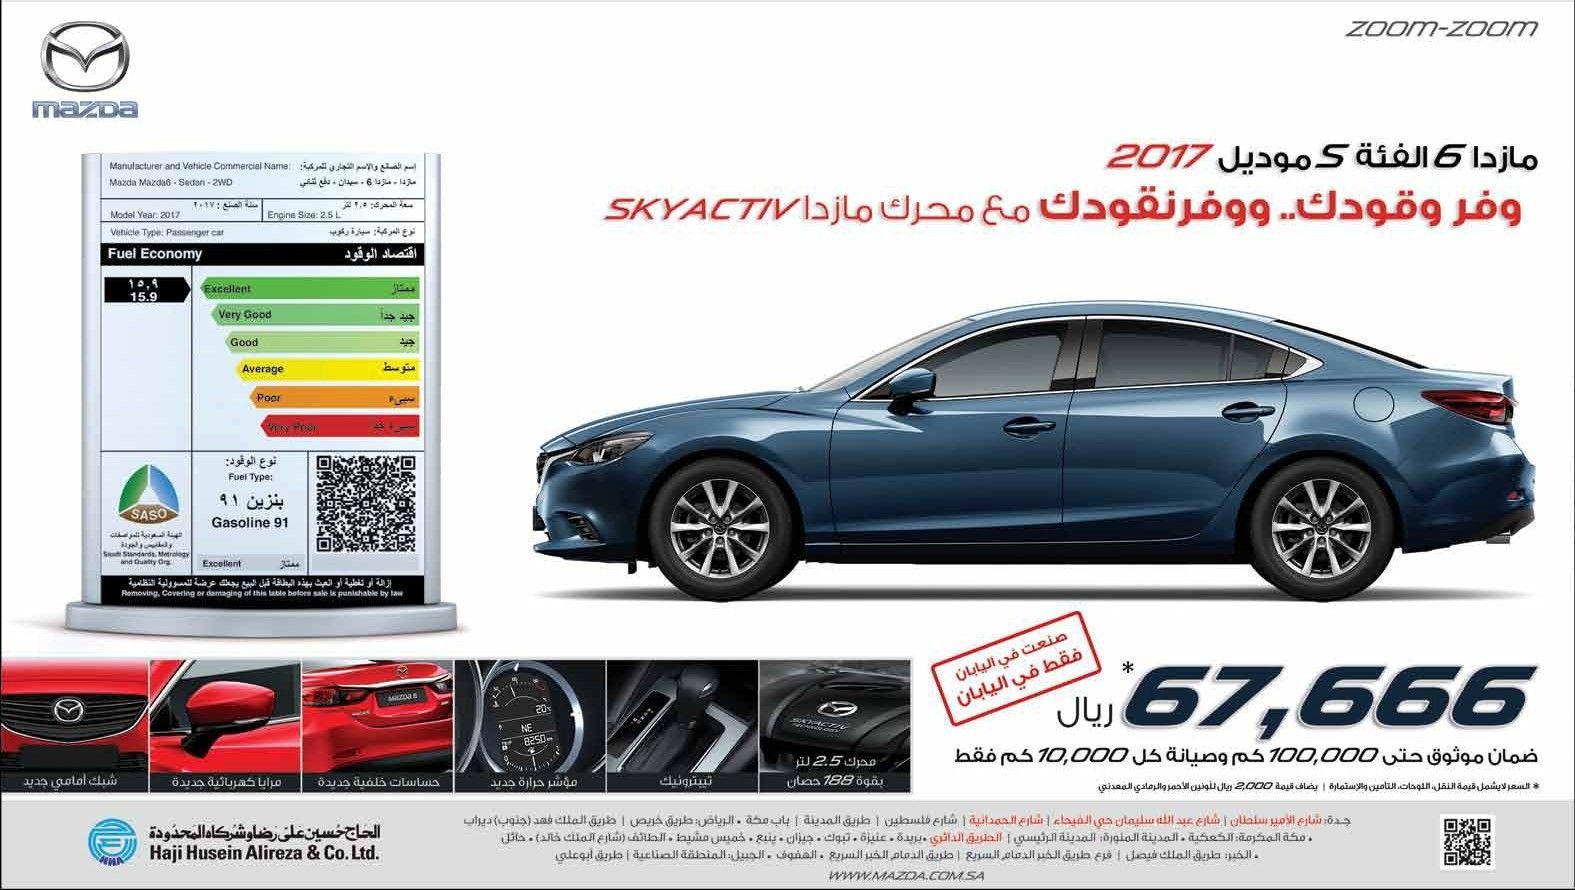 عروض السيارات في الحاج حسين وشركاه سيارة مازدا 6 الجديدة 2017 عروض اليوم Toy Car Car Vehicles